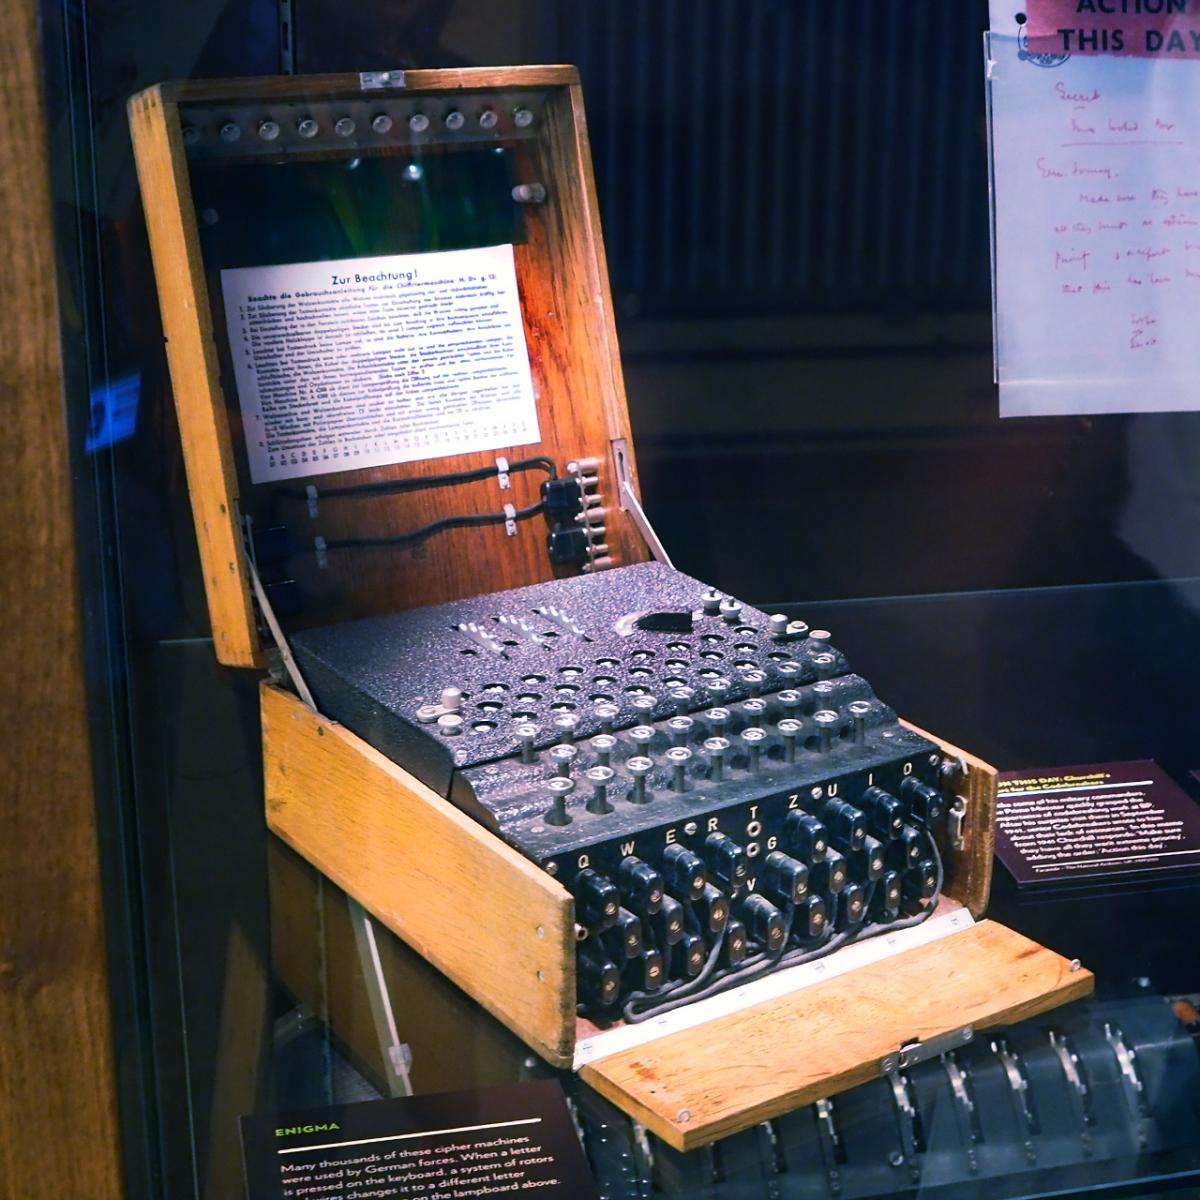 tmachine électrique de codage ressemblant à une machine à écrire